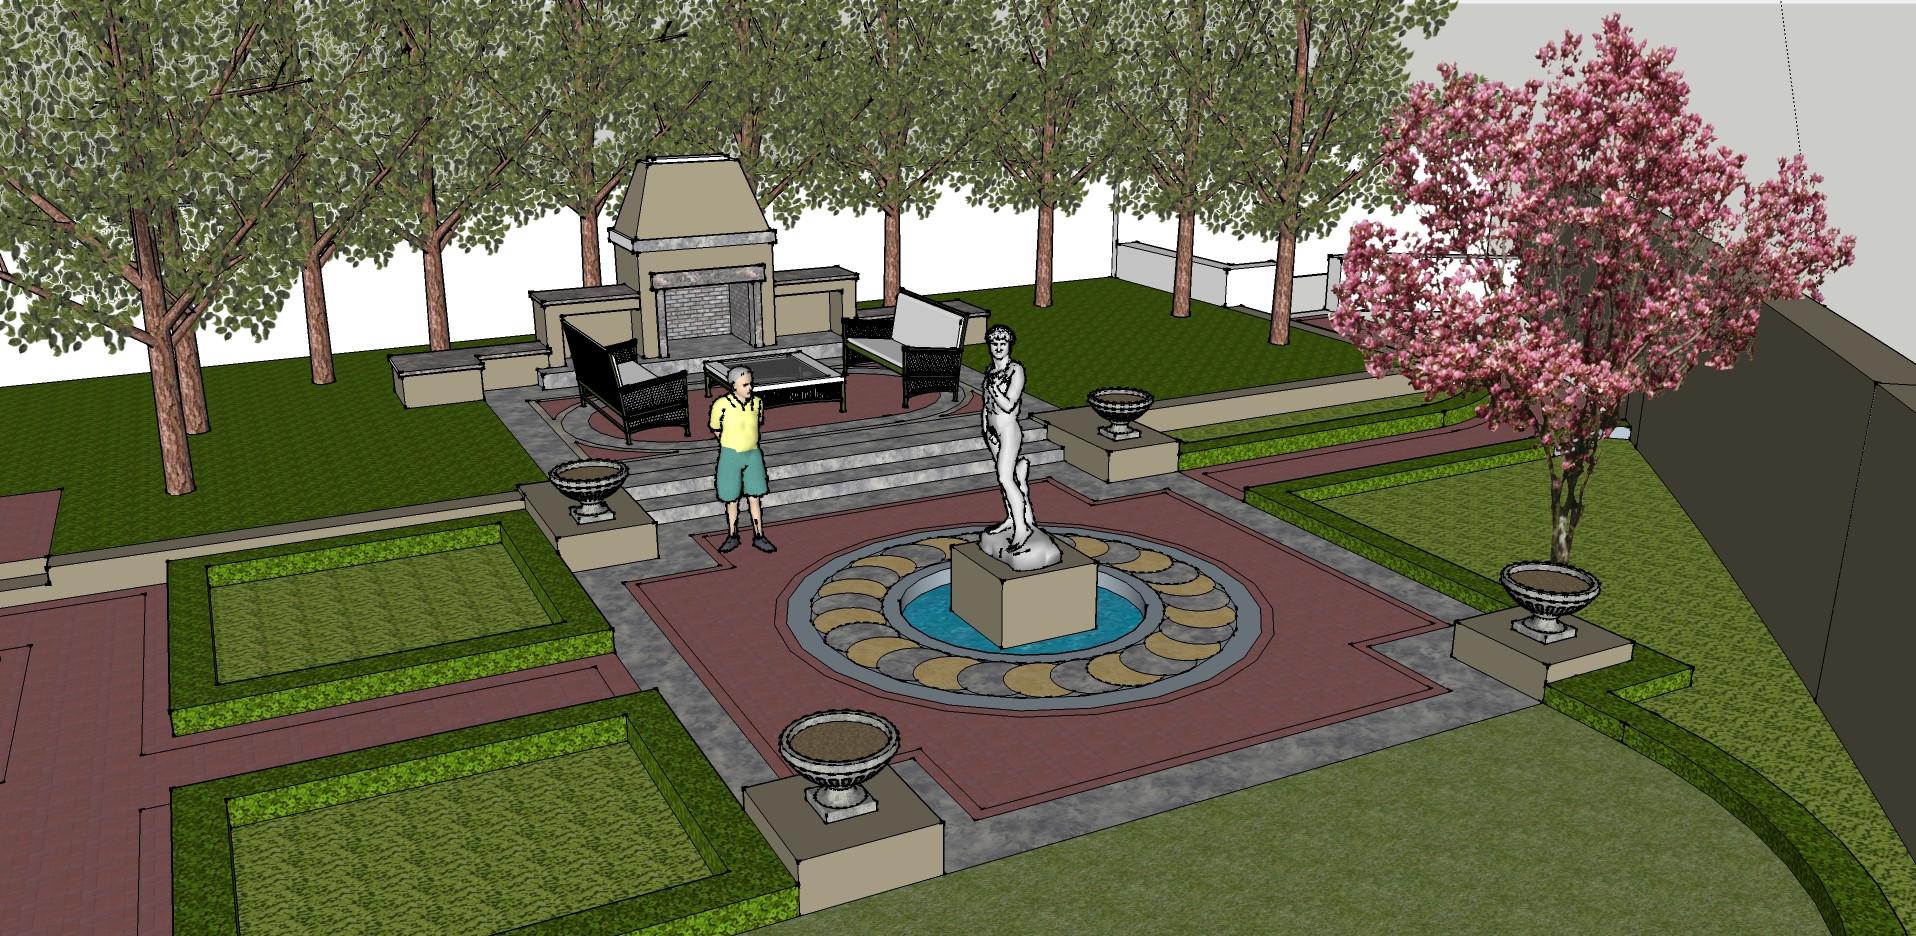 Landscape Fountain Sketch Sketchup models